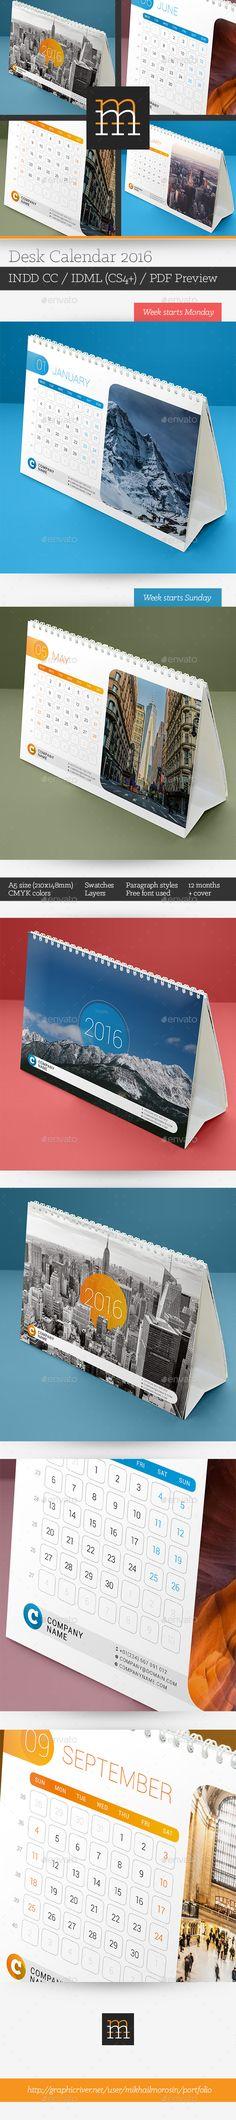 Desk Calendar 2016 Template InDesign INDD #design Download: http://graphicriver.net/item/desk-calendar-2016/14072720?ref=ksioks